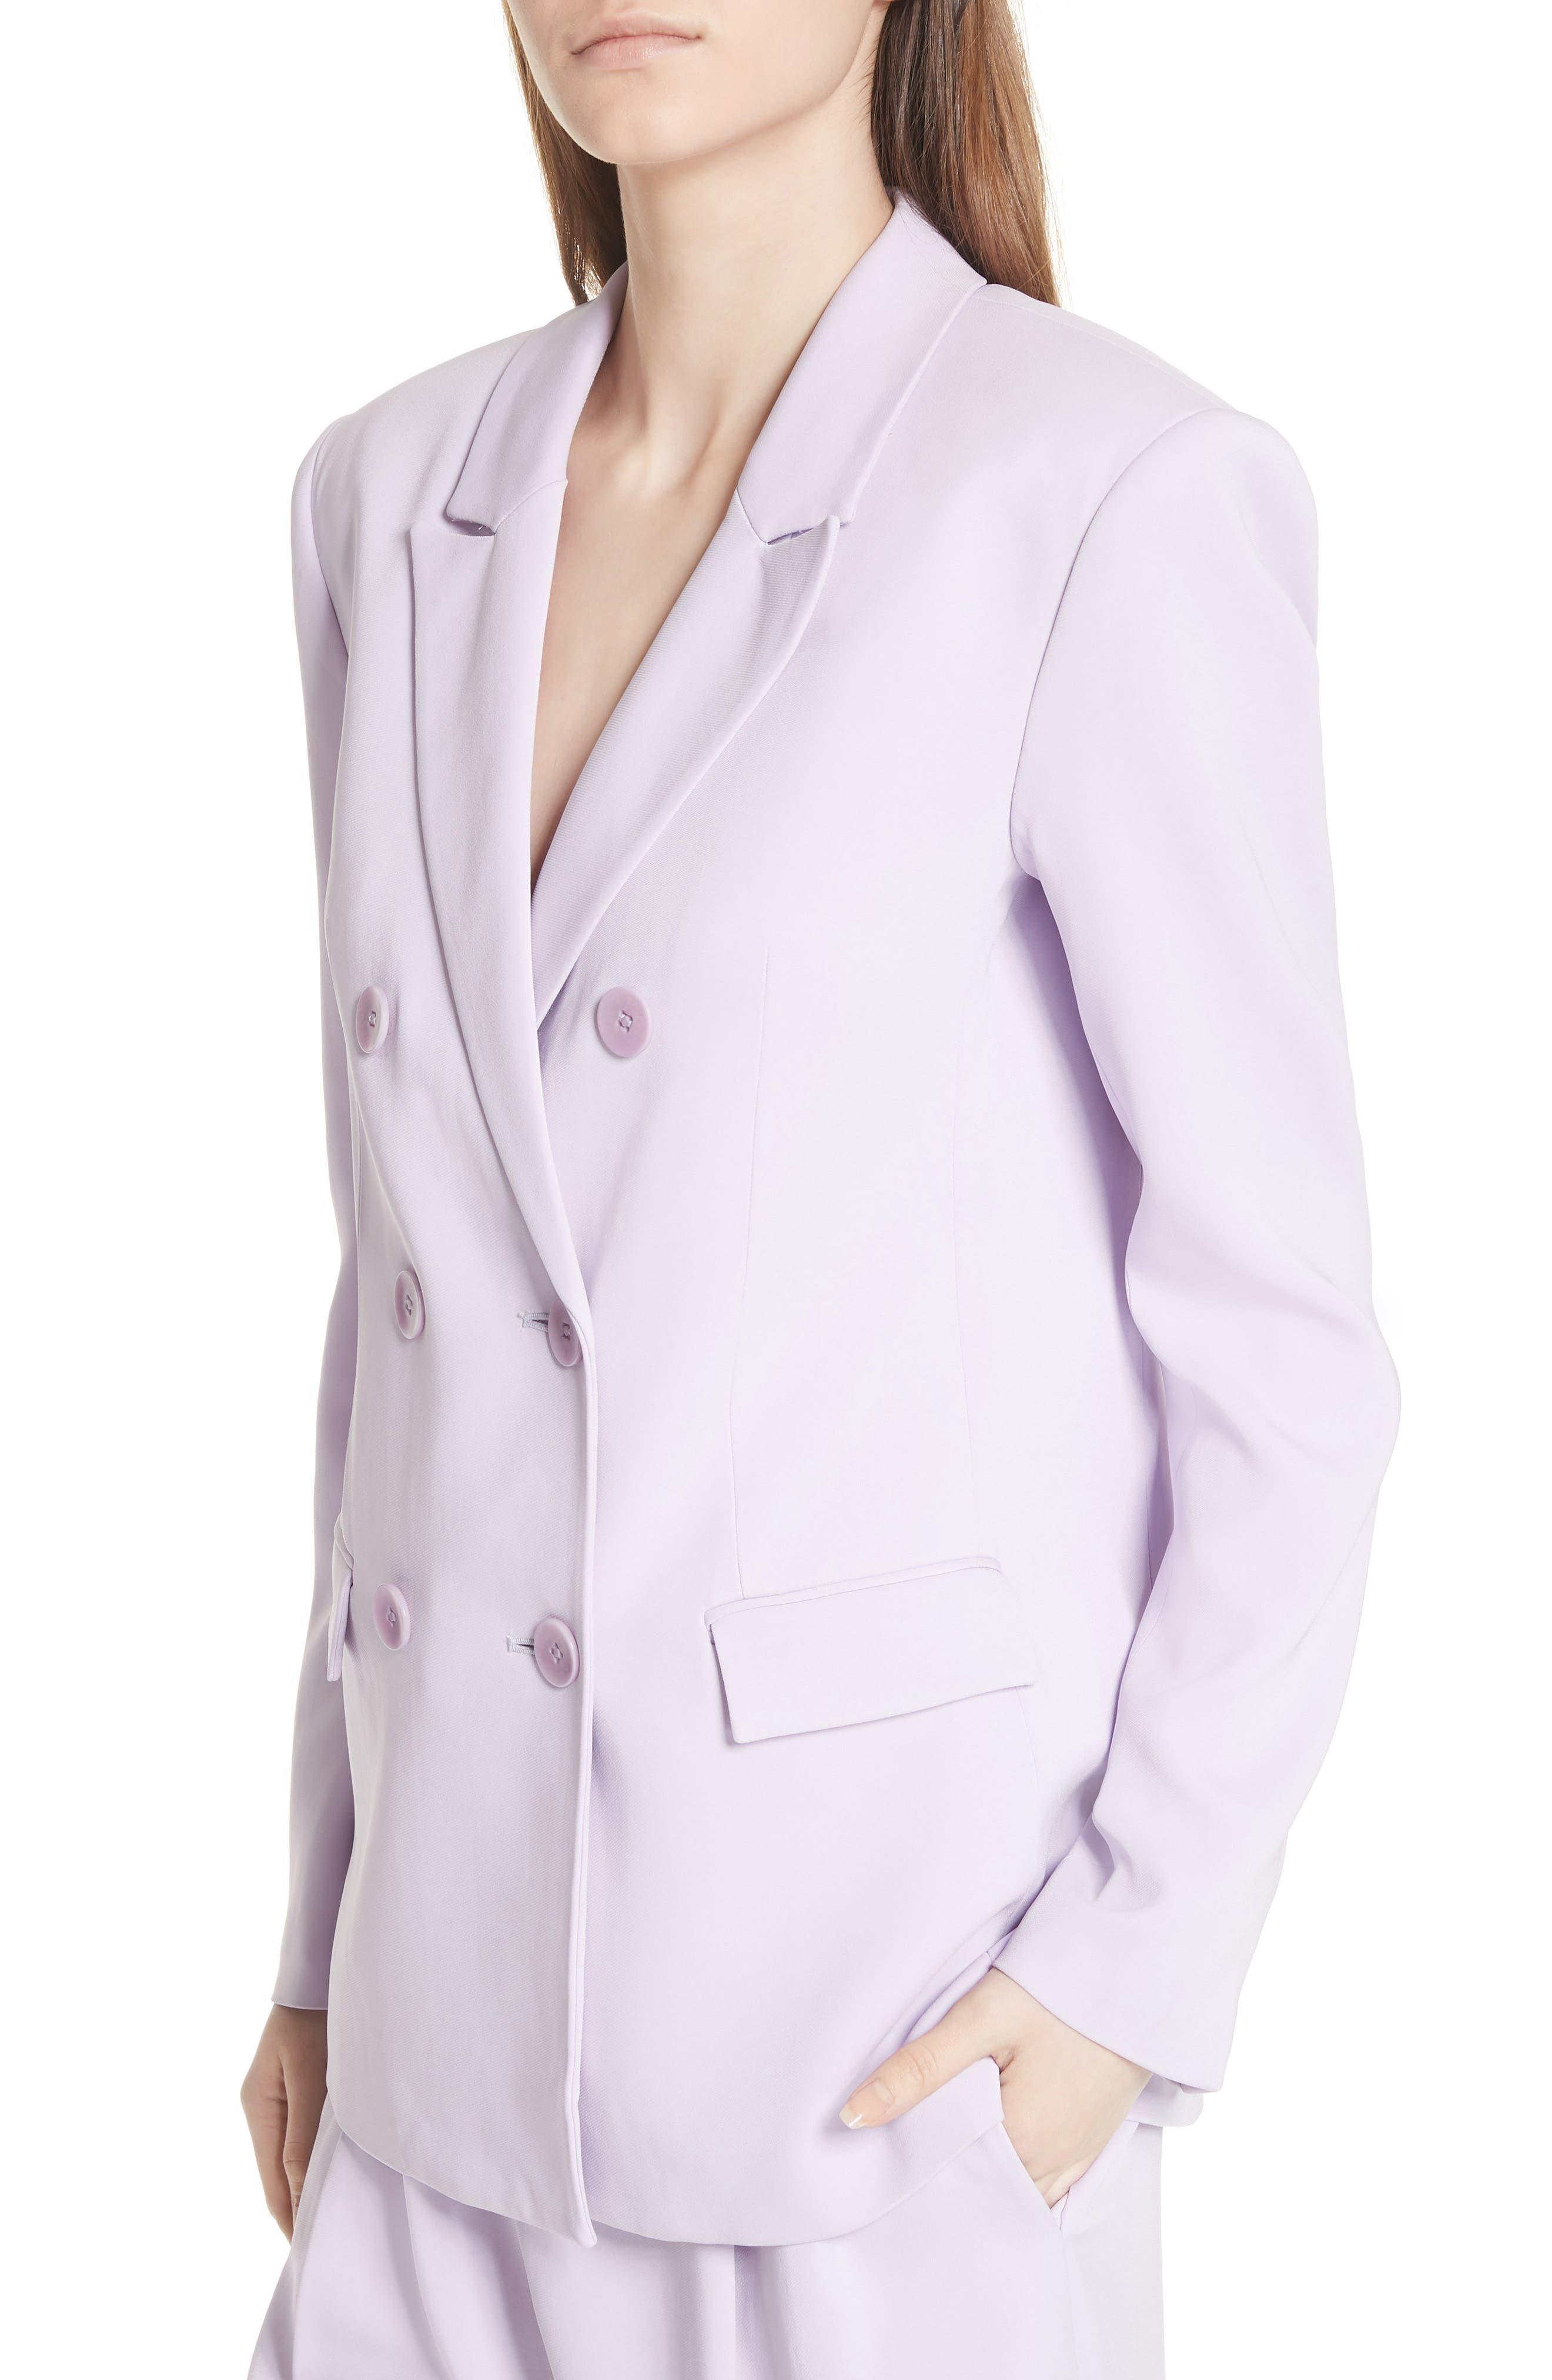 Steward Suit Jacket,                             Alternate thumbnail 4, color,                             531